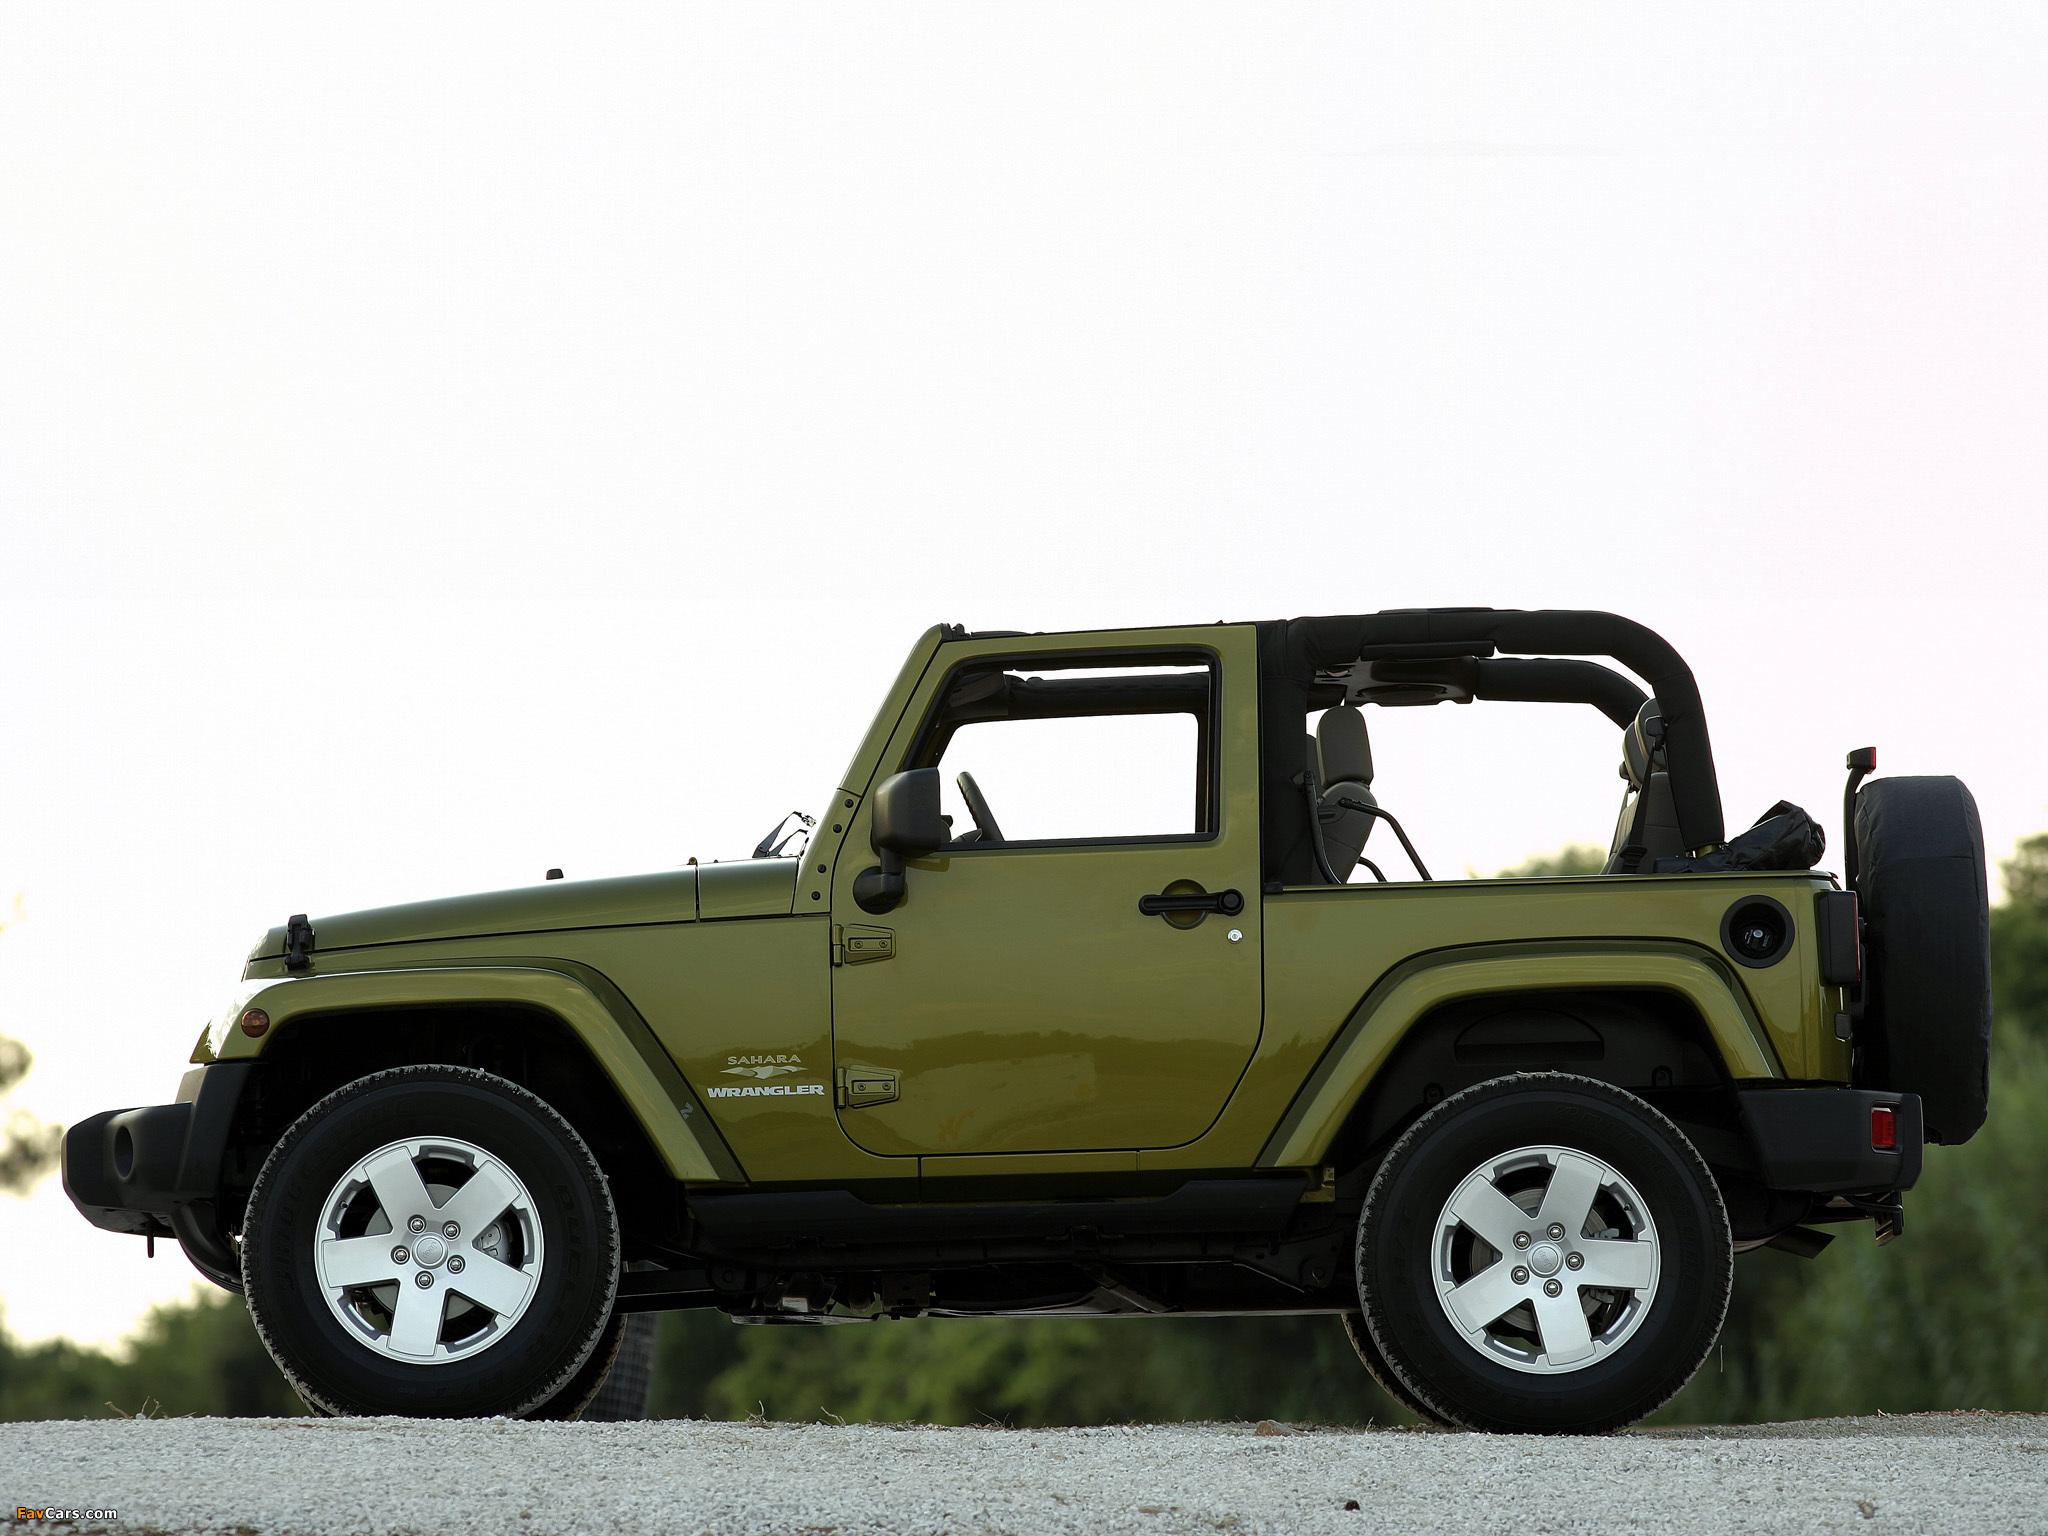 Wallpapers of Jeep Wrangler Sahara JK 2007 2048 x 1536 2048x1536